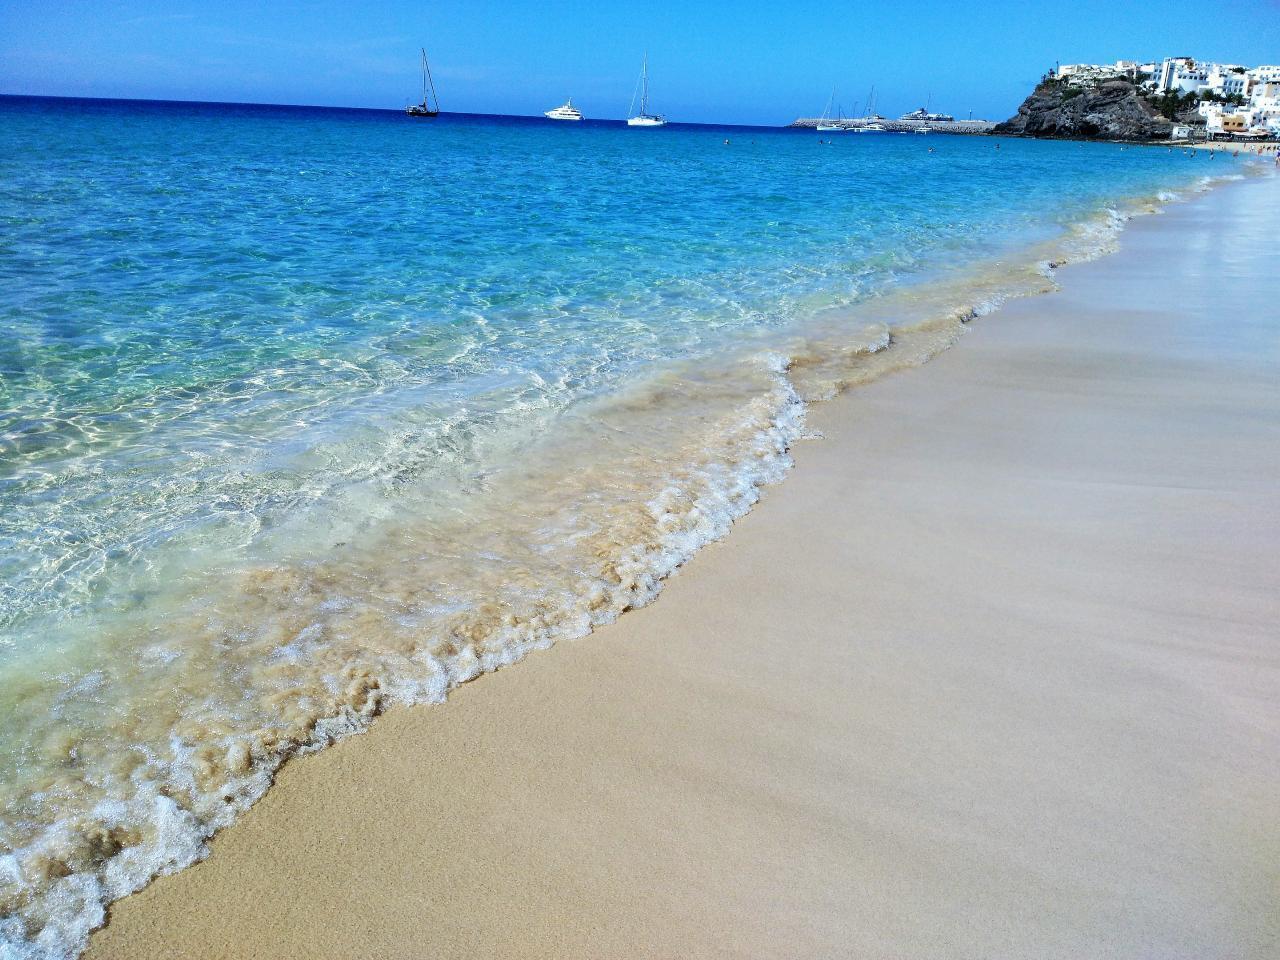 Ferienwohnung Bungalow mit Charme  nahe dem Strand und dem Meer, mit großem Terrasse 25 m. WIFI (497106), Costa Calma, Fuerteventura, Kanarische Inseln, Spanien, Bild 27